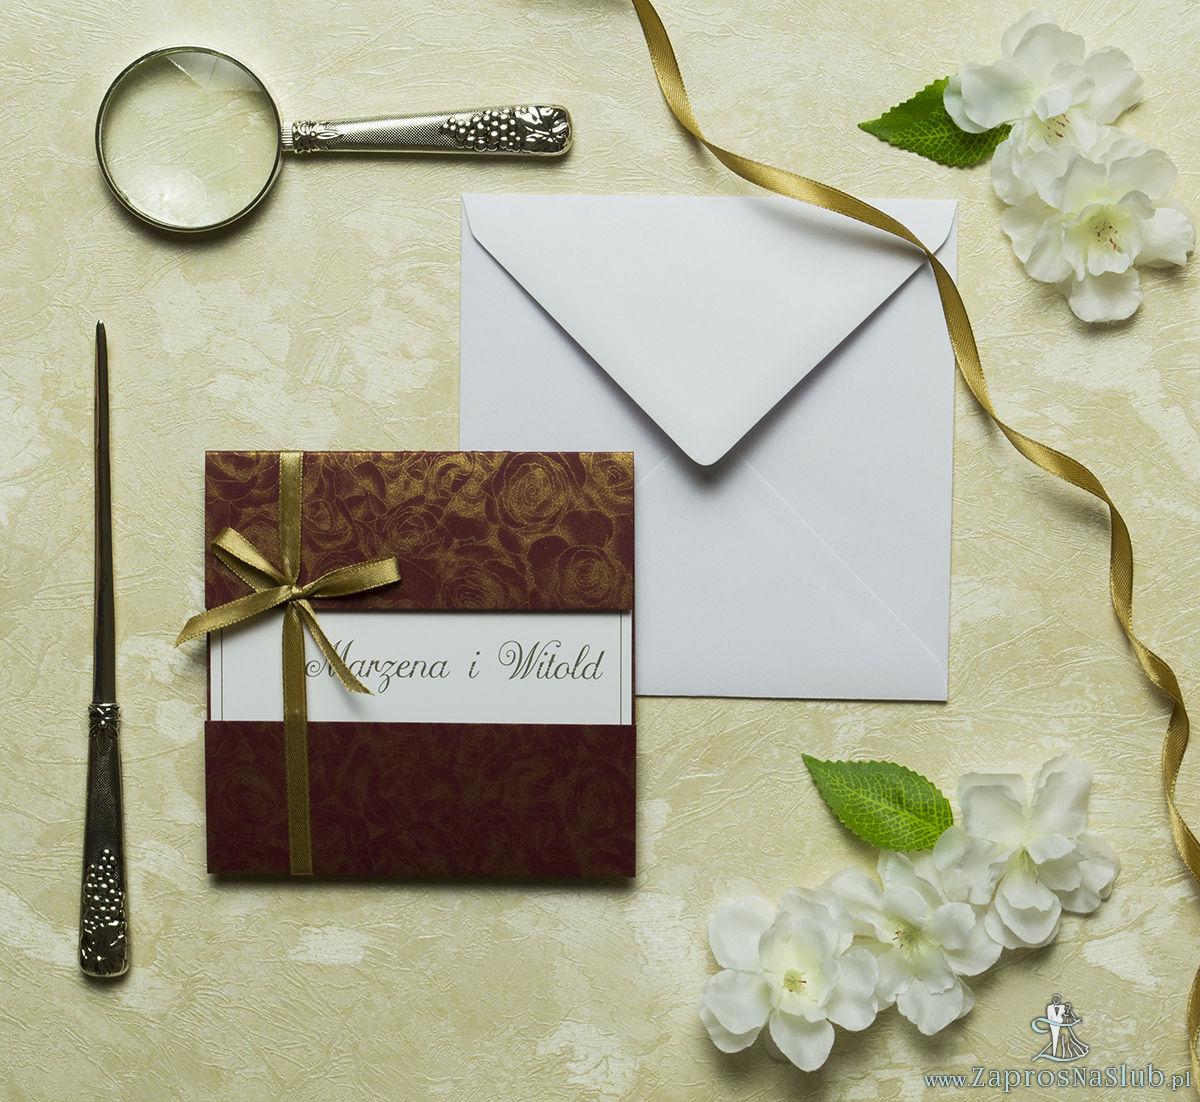 Przyciągające eleganckie zaproszenia ślubne z kwadratowym wnętrzem, wstążką koloru jasnobrązowego i ciekawie wyciętą okładką z bordowego papieru z motywem złotych róż. ZAP-79-52